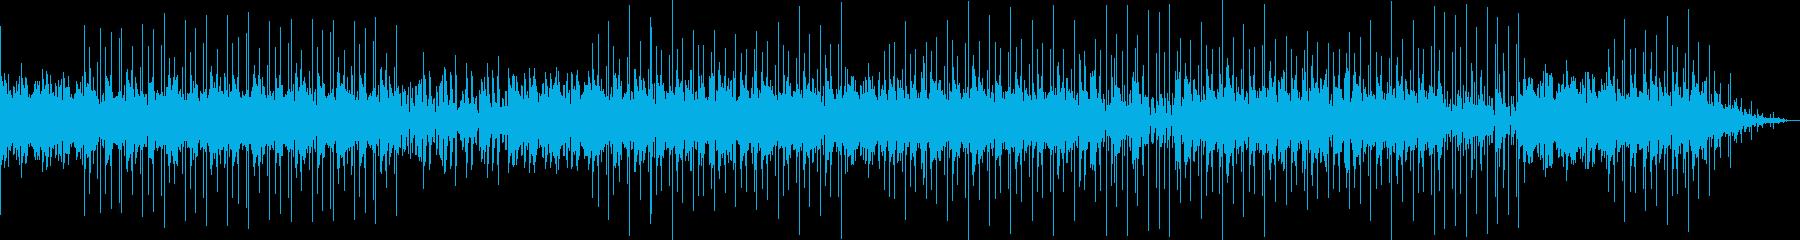 東京ストリートシーンヒップジャズの再生済みの波形